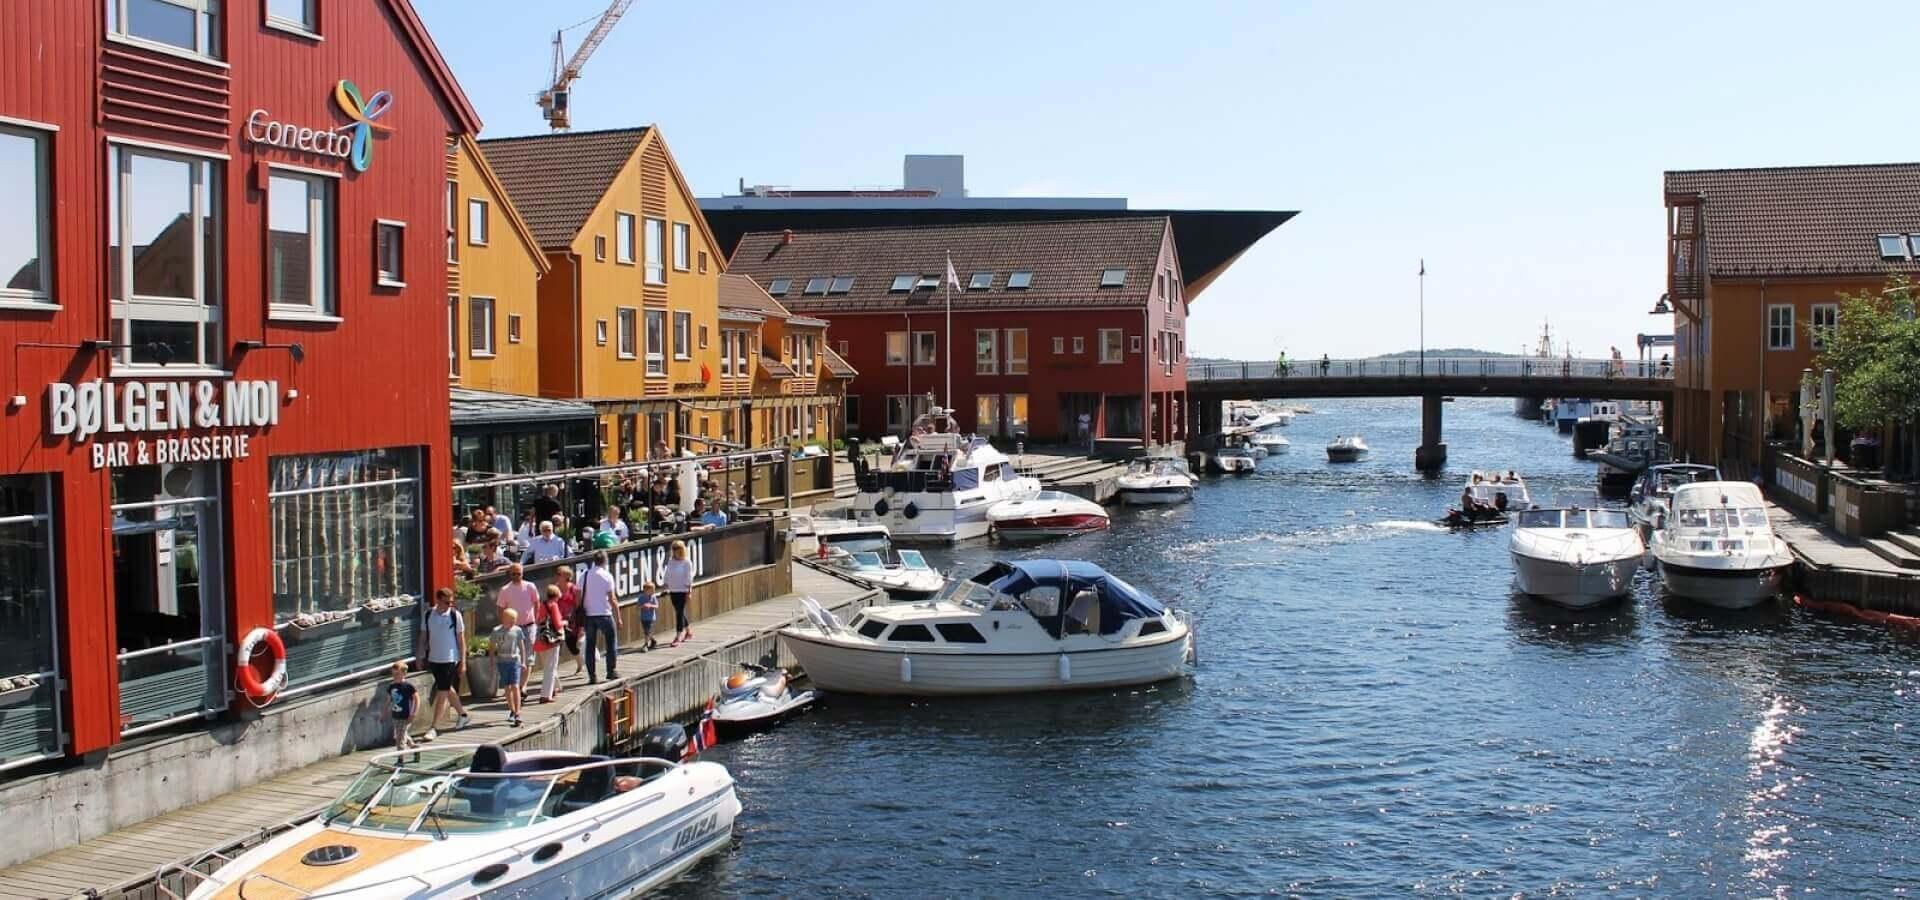 Noruega - Escapada a Kristiansand, la Sureña y Marinera